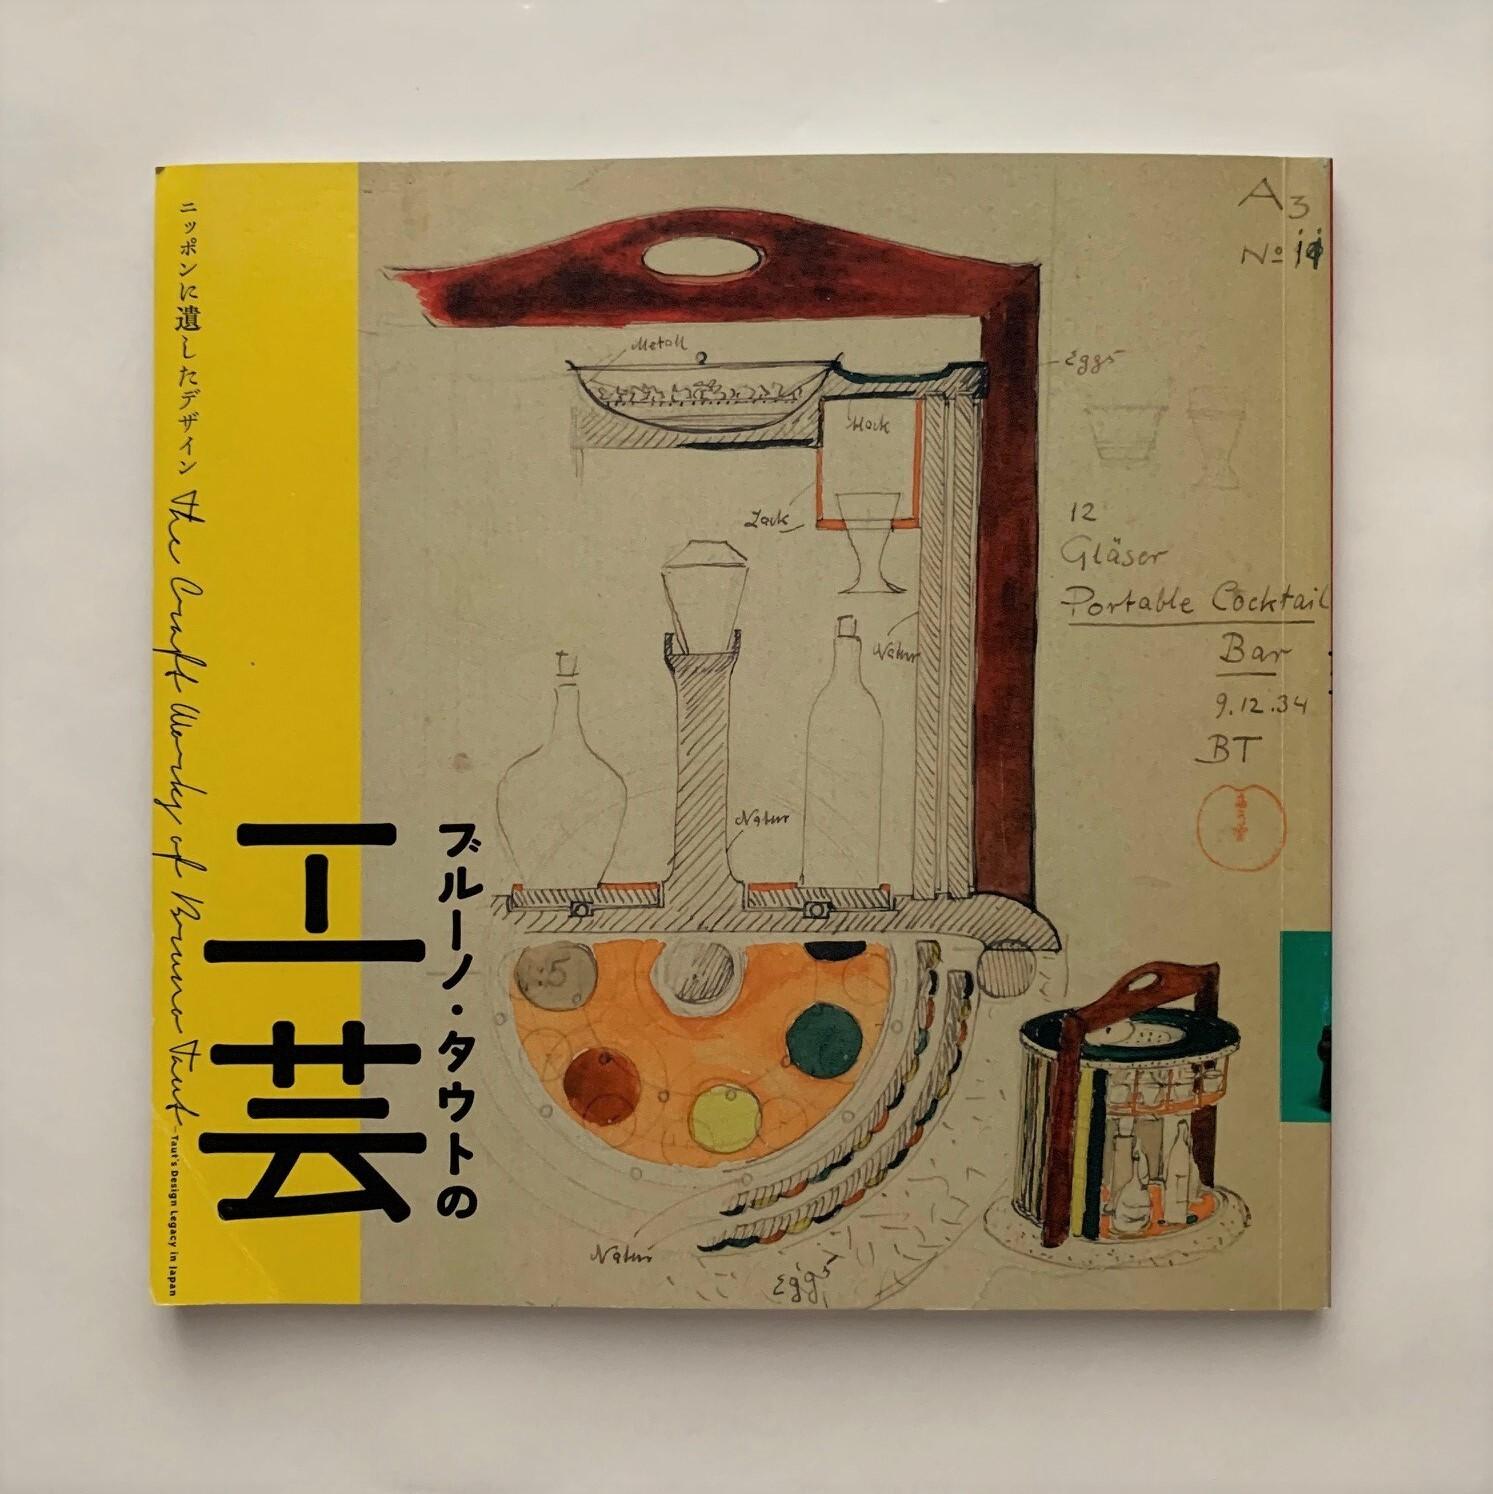 ブルーノ・タウトの工芸 / ニッポンに遺したデザイン / イナックスブックレット / INAX